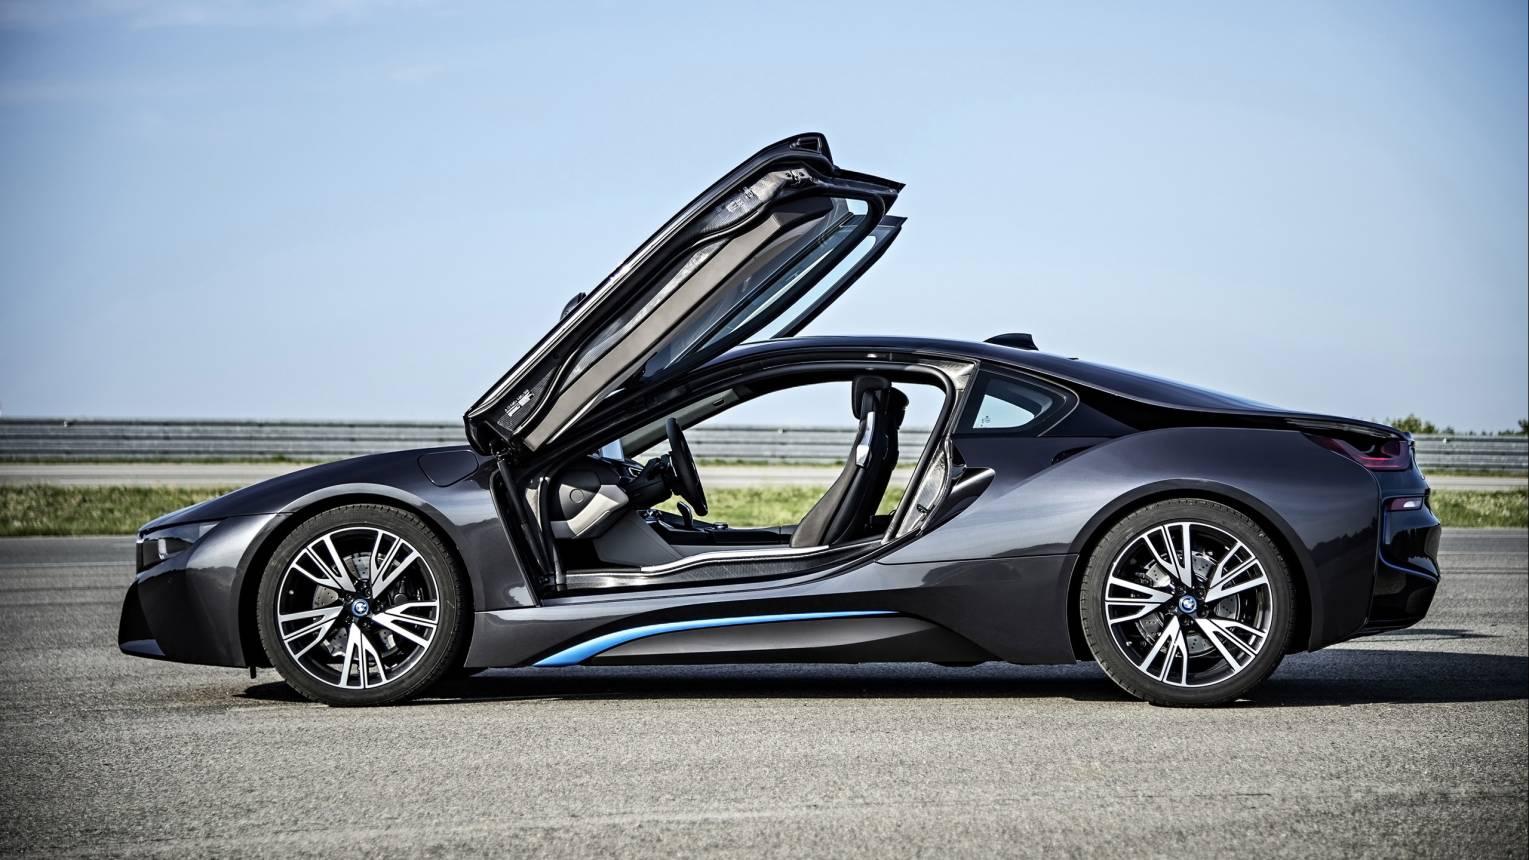 BMW i8-as szuper sportkocsi kölcsönzése